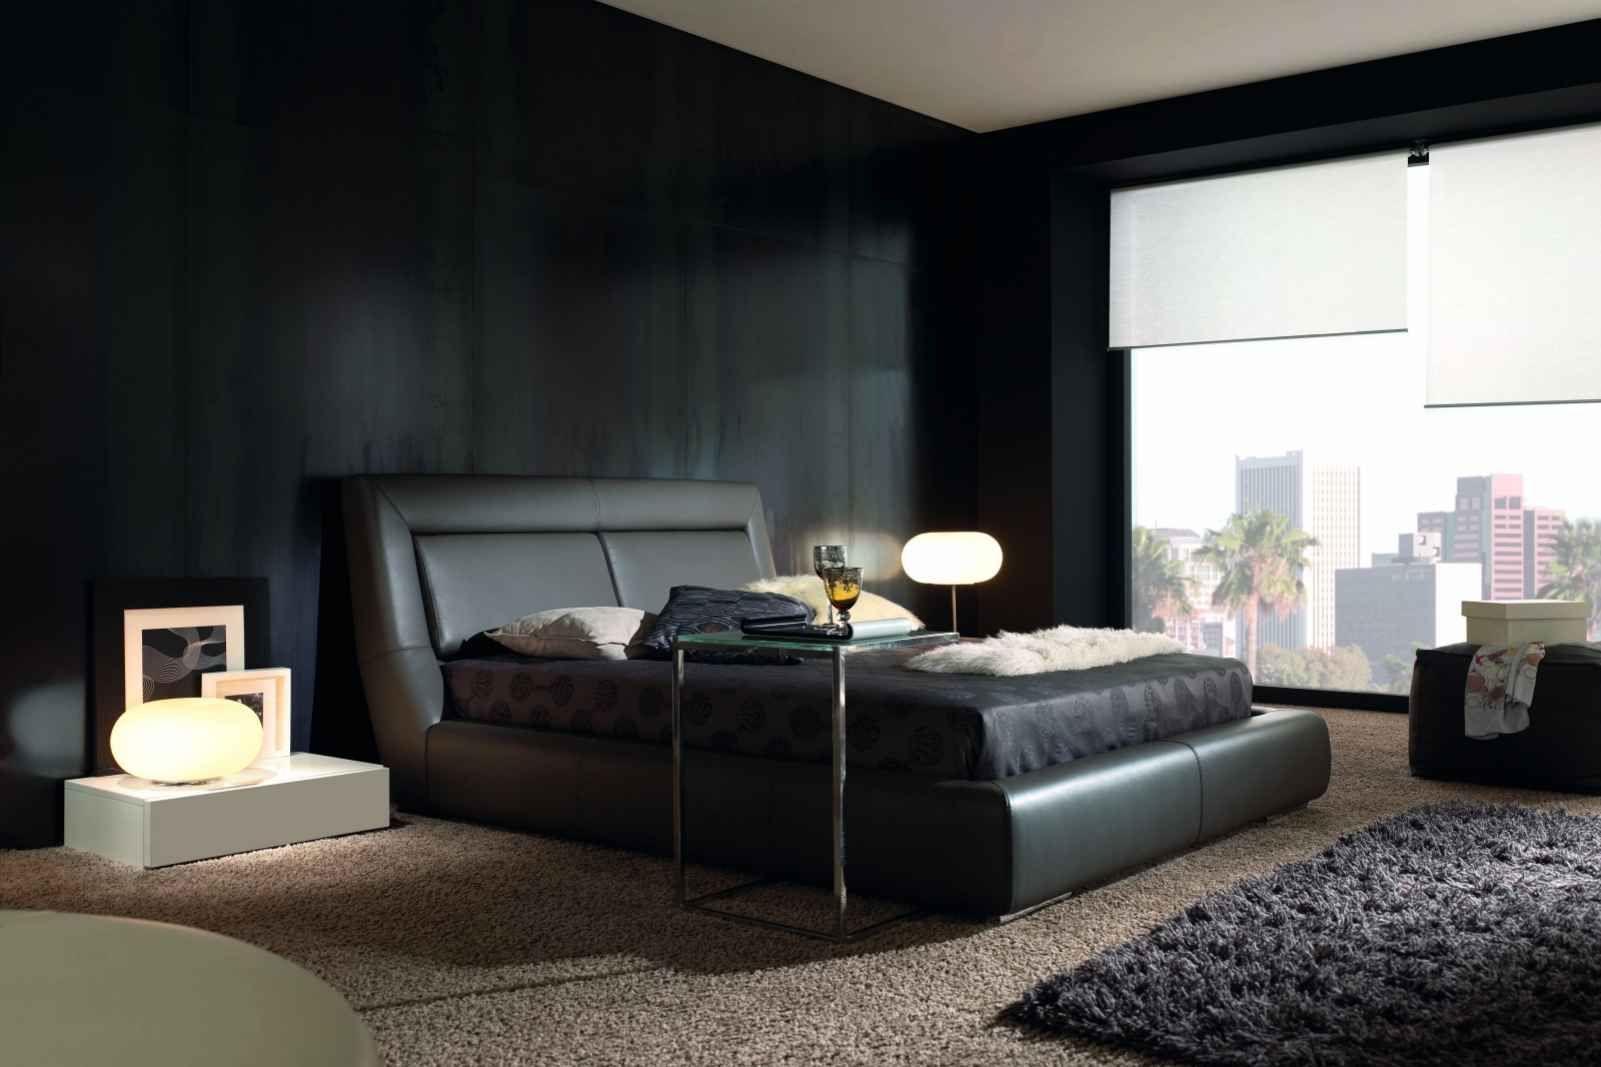 Schlafzimmer in Schwarz mit Bett Luxor - GAMAMOBEL | Schlafzimmer ...